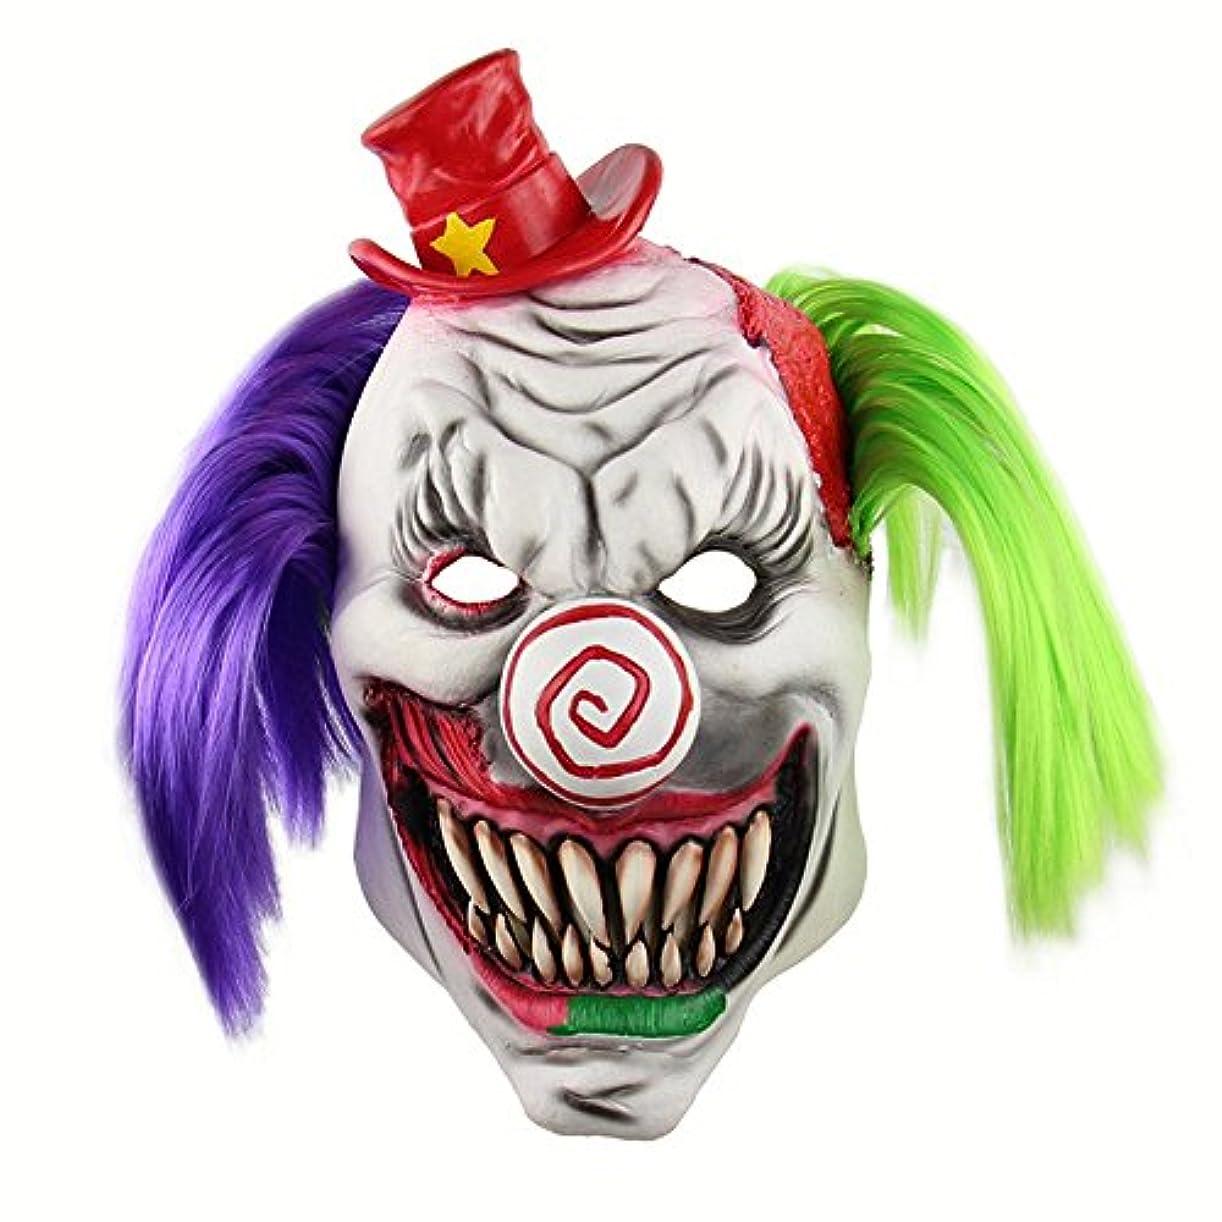 削減故意のシネマホラーレッドハットピエロヘッドギアハロウィーン怖いお化け屋敷部屋脱出ドレスアップライブ面白いマスク